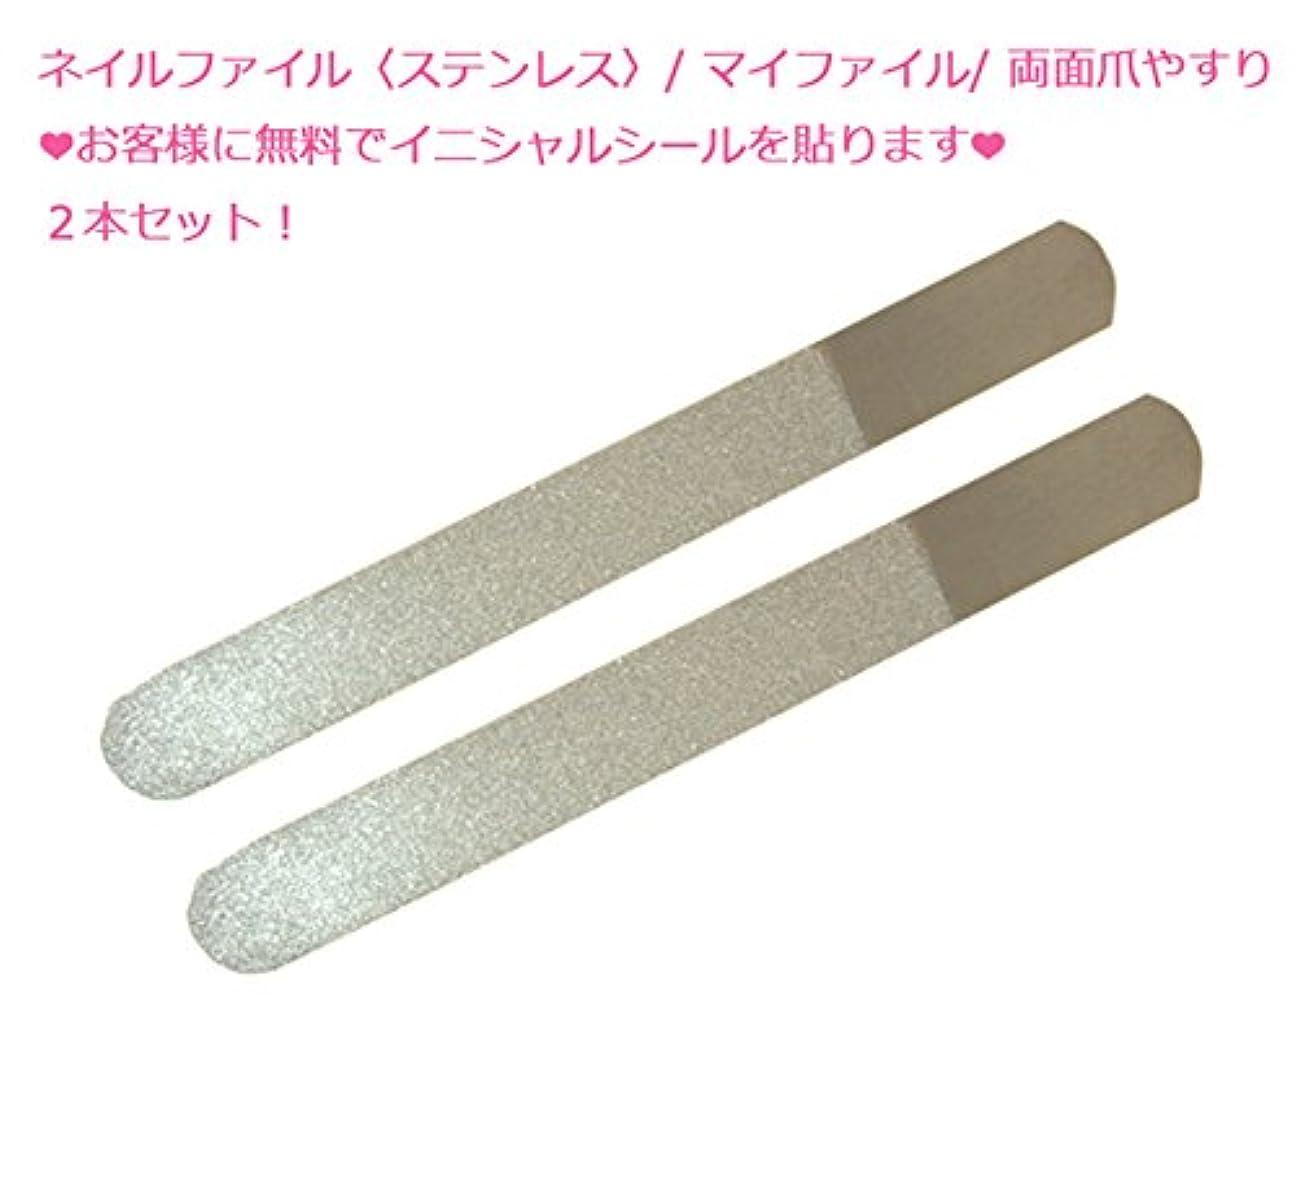 舗装する行列効果的にネイルファイル〈ステンレス〉2本セット/両面爪やすり/マイファイル